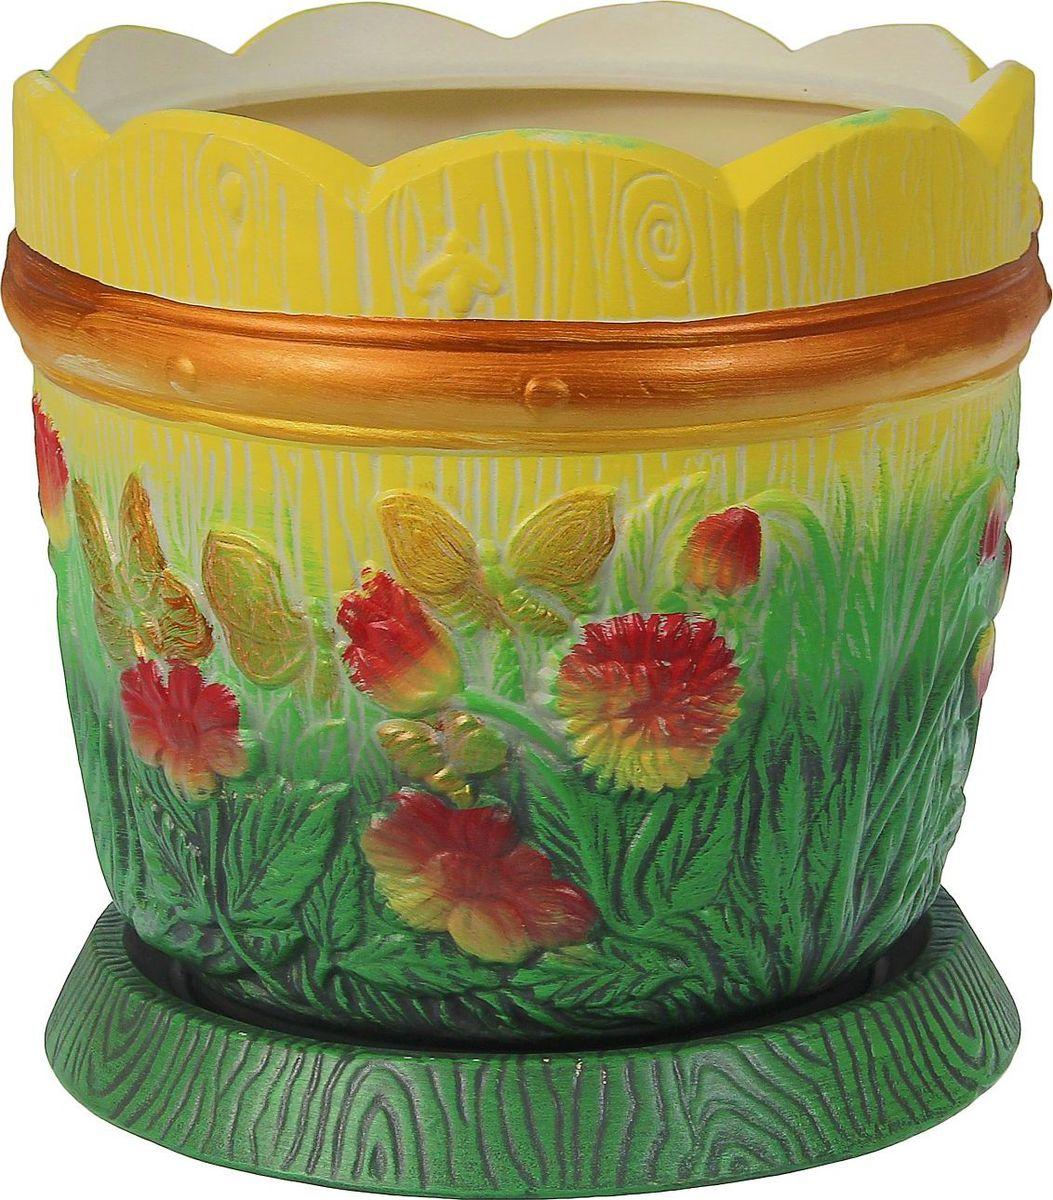 Кашпо Керамика ручной работы Поляна, цвет: желтый, зеленый, 14,5 л1105286Комнатные растения — всеобщие любимцы. Они радуют глаз, насыщают помещение кислородом и украшают пространство. Каждому из них необходим свой удобный и красивый дом. Кашпо из керамики прекрасно подходят для высадки растений: за счёт пластичности глины и разных способов обработки существует великое множество форм и дизайновпористый материал позволяет испаряться лишней влагевоздух, необходимый для дыхания корней, проникает сквозь керамические стенки! #name# позаботится о зелёном питомце, освежит интерьер и подчеркнёт его стиль.